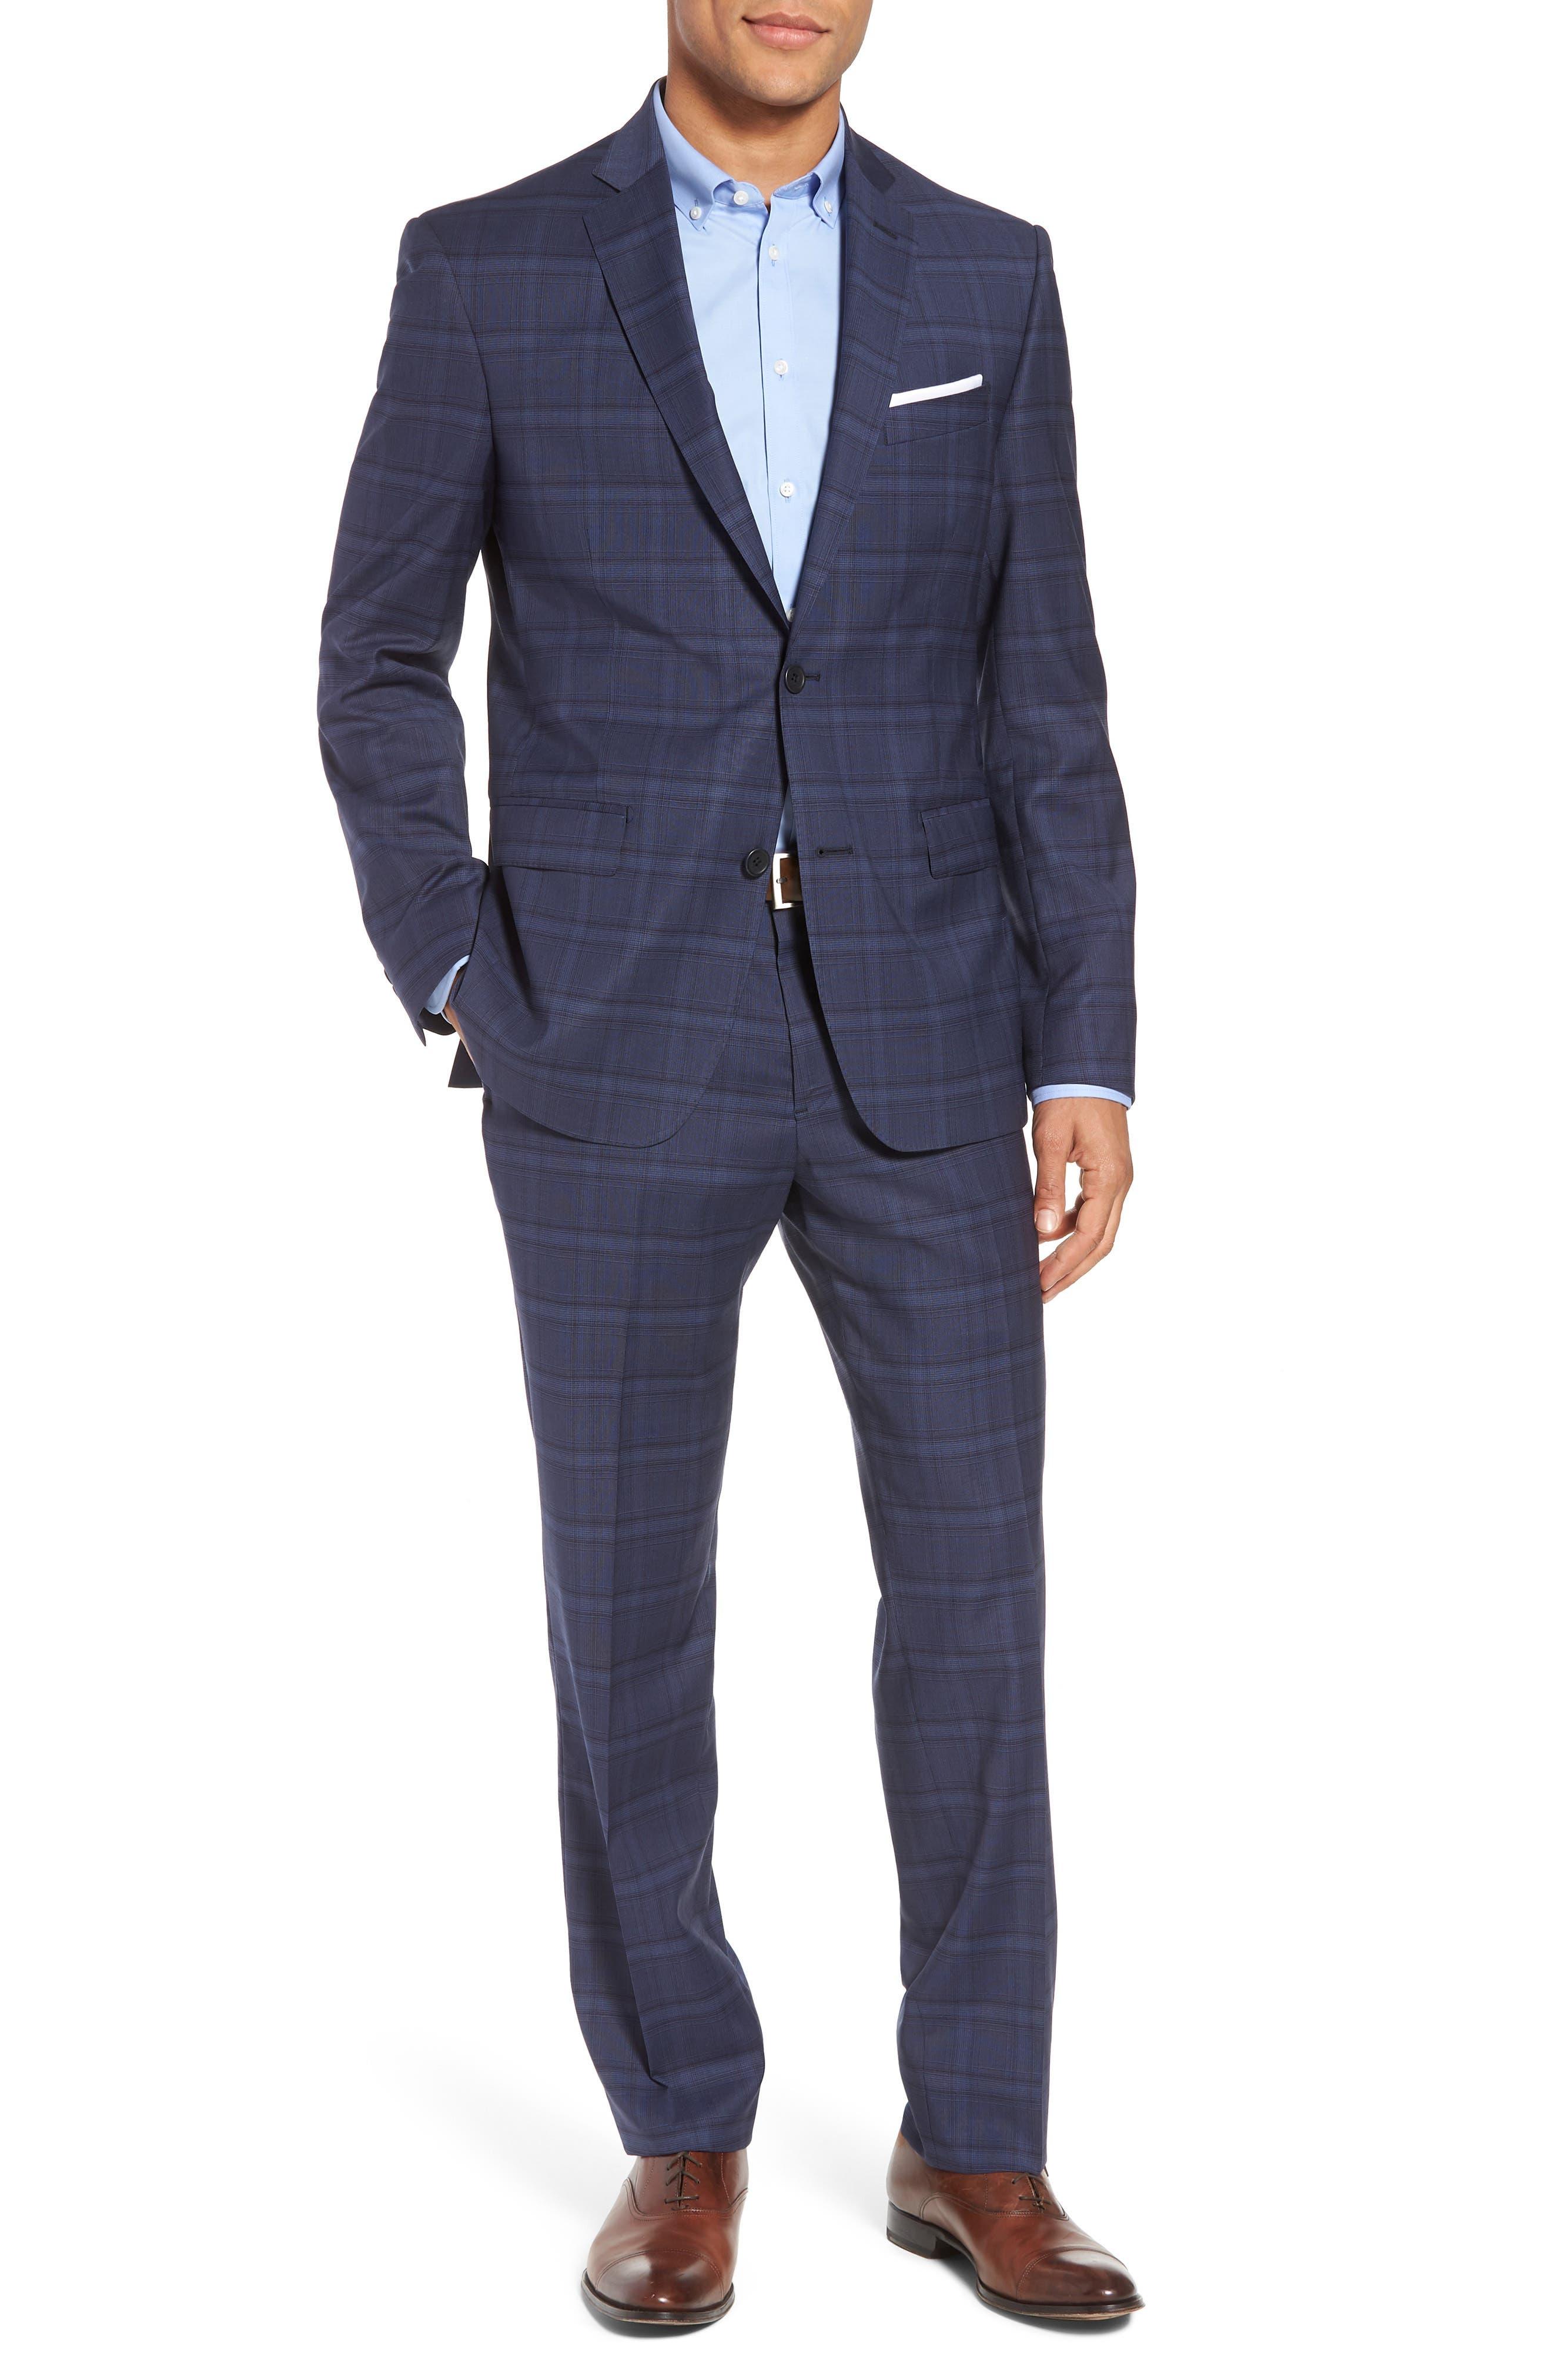 Main Image - Nordstrom Men's Shop Trim Fit Plaid Stretch Wool Travel Suit